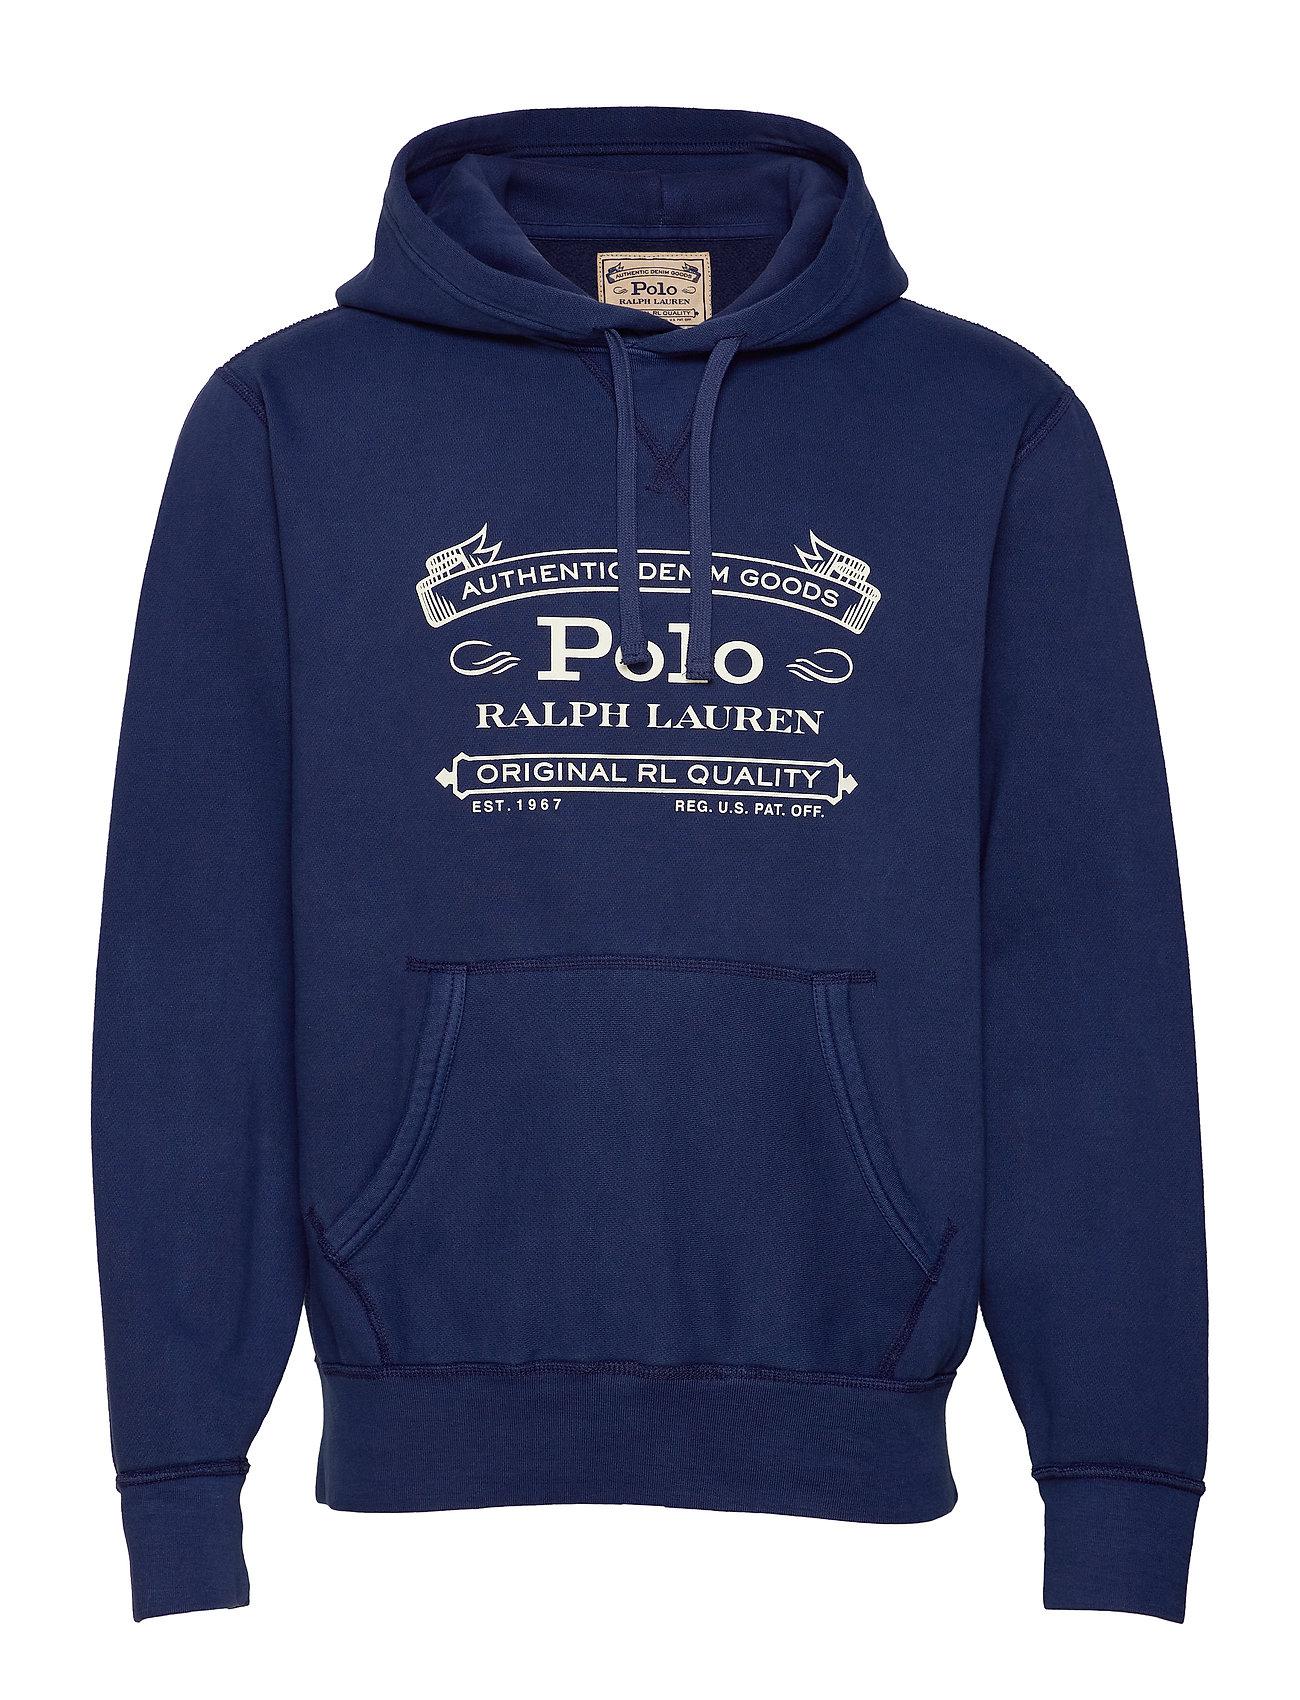 Polo Ralph Lauren Fleece Graphic Hoodie - CRUISE NAVY